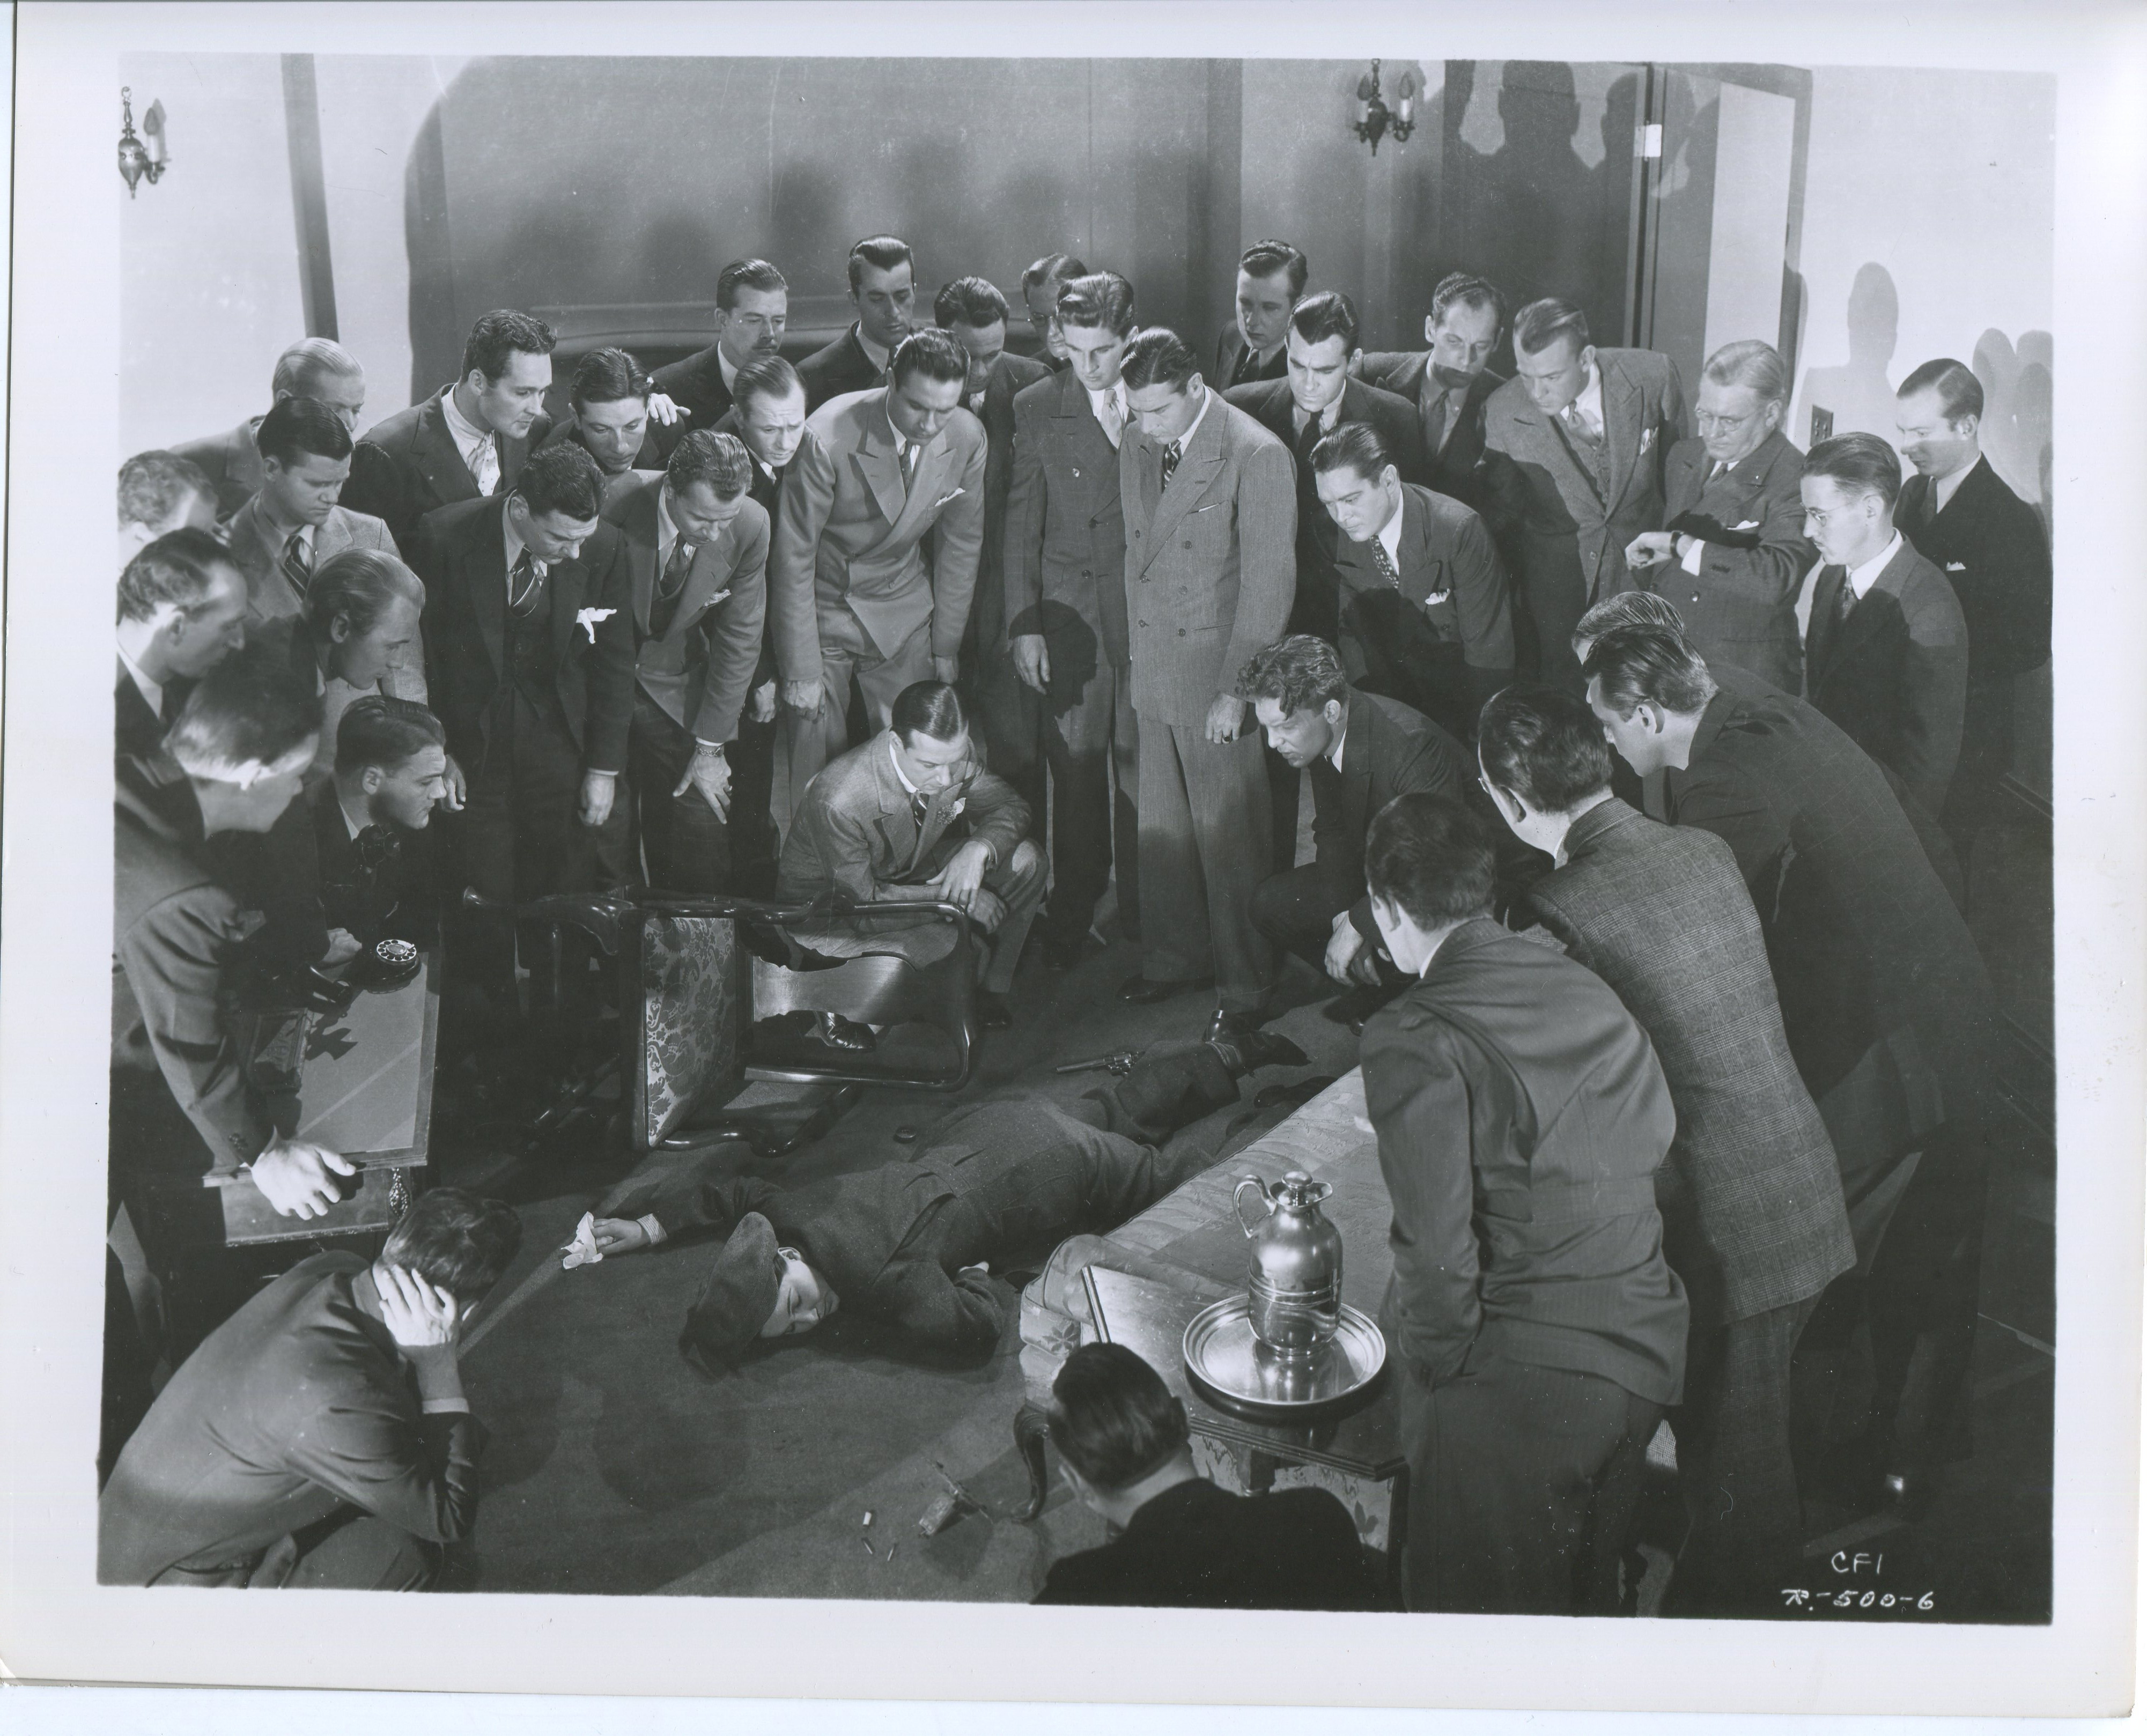 Richard Arlen, Bruce Cabot, and Harvey Stephens in Let 'em Have It (1935)